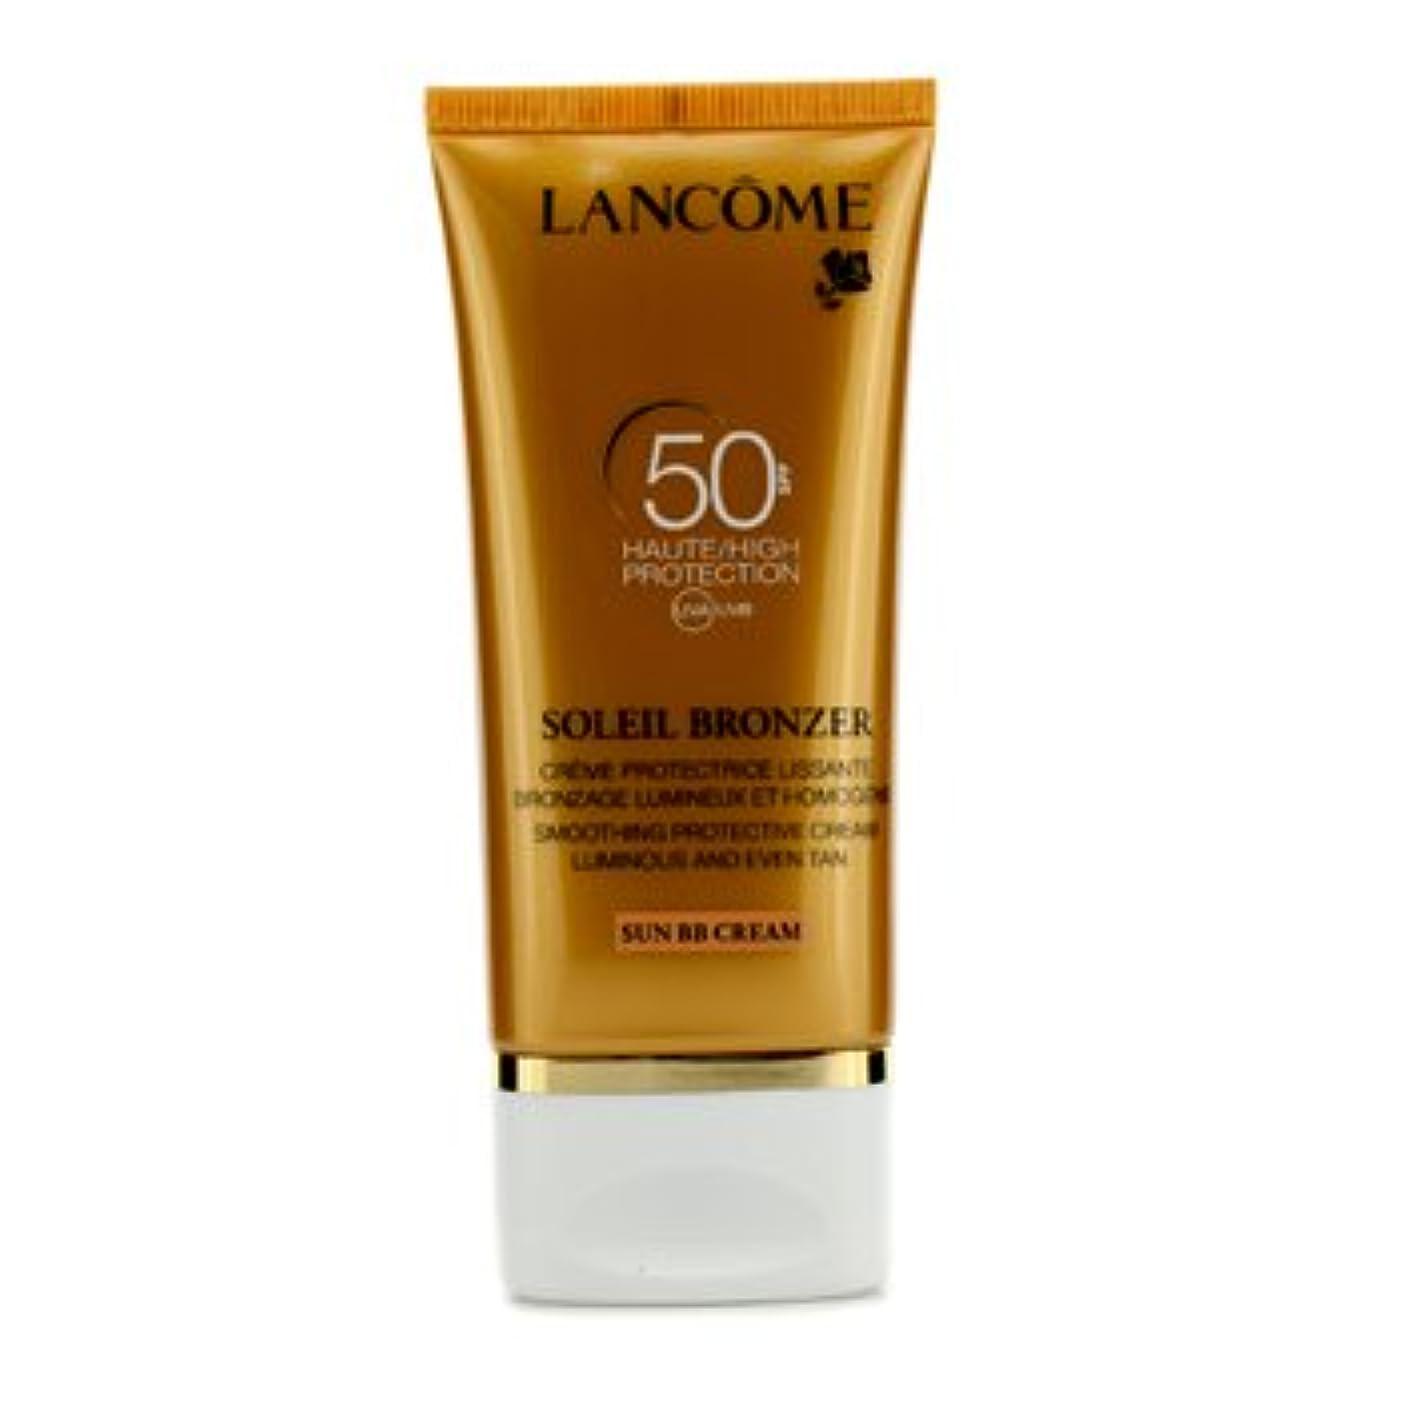 徐々に高尚なメダリスト[Lancome] Soleil Bronzer Smoothing Protective Cream (Sun BB Cream) SPF50 50ml/1.69oz